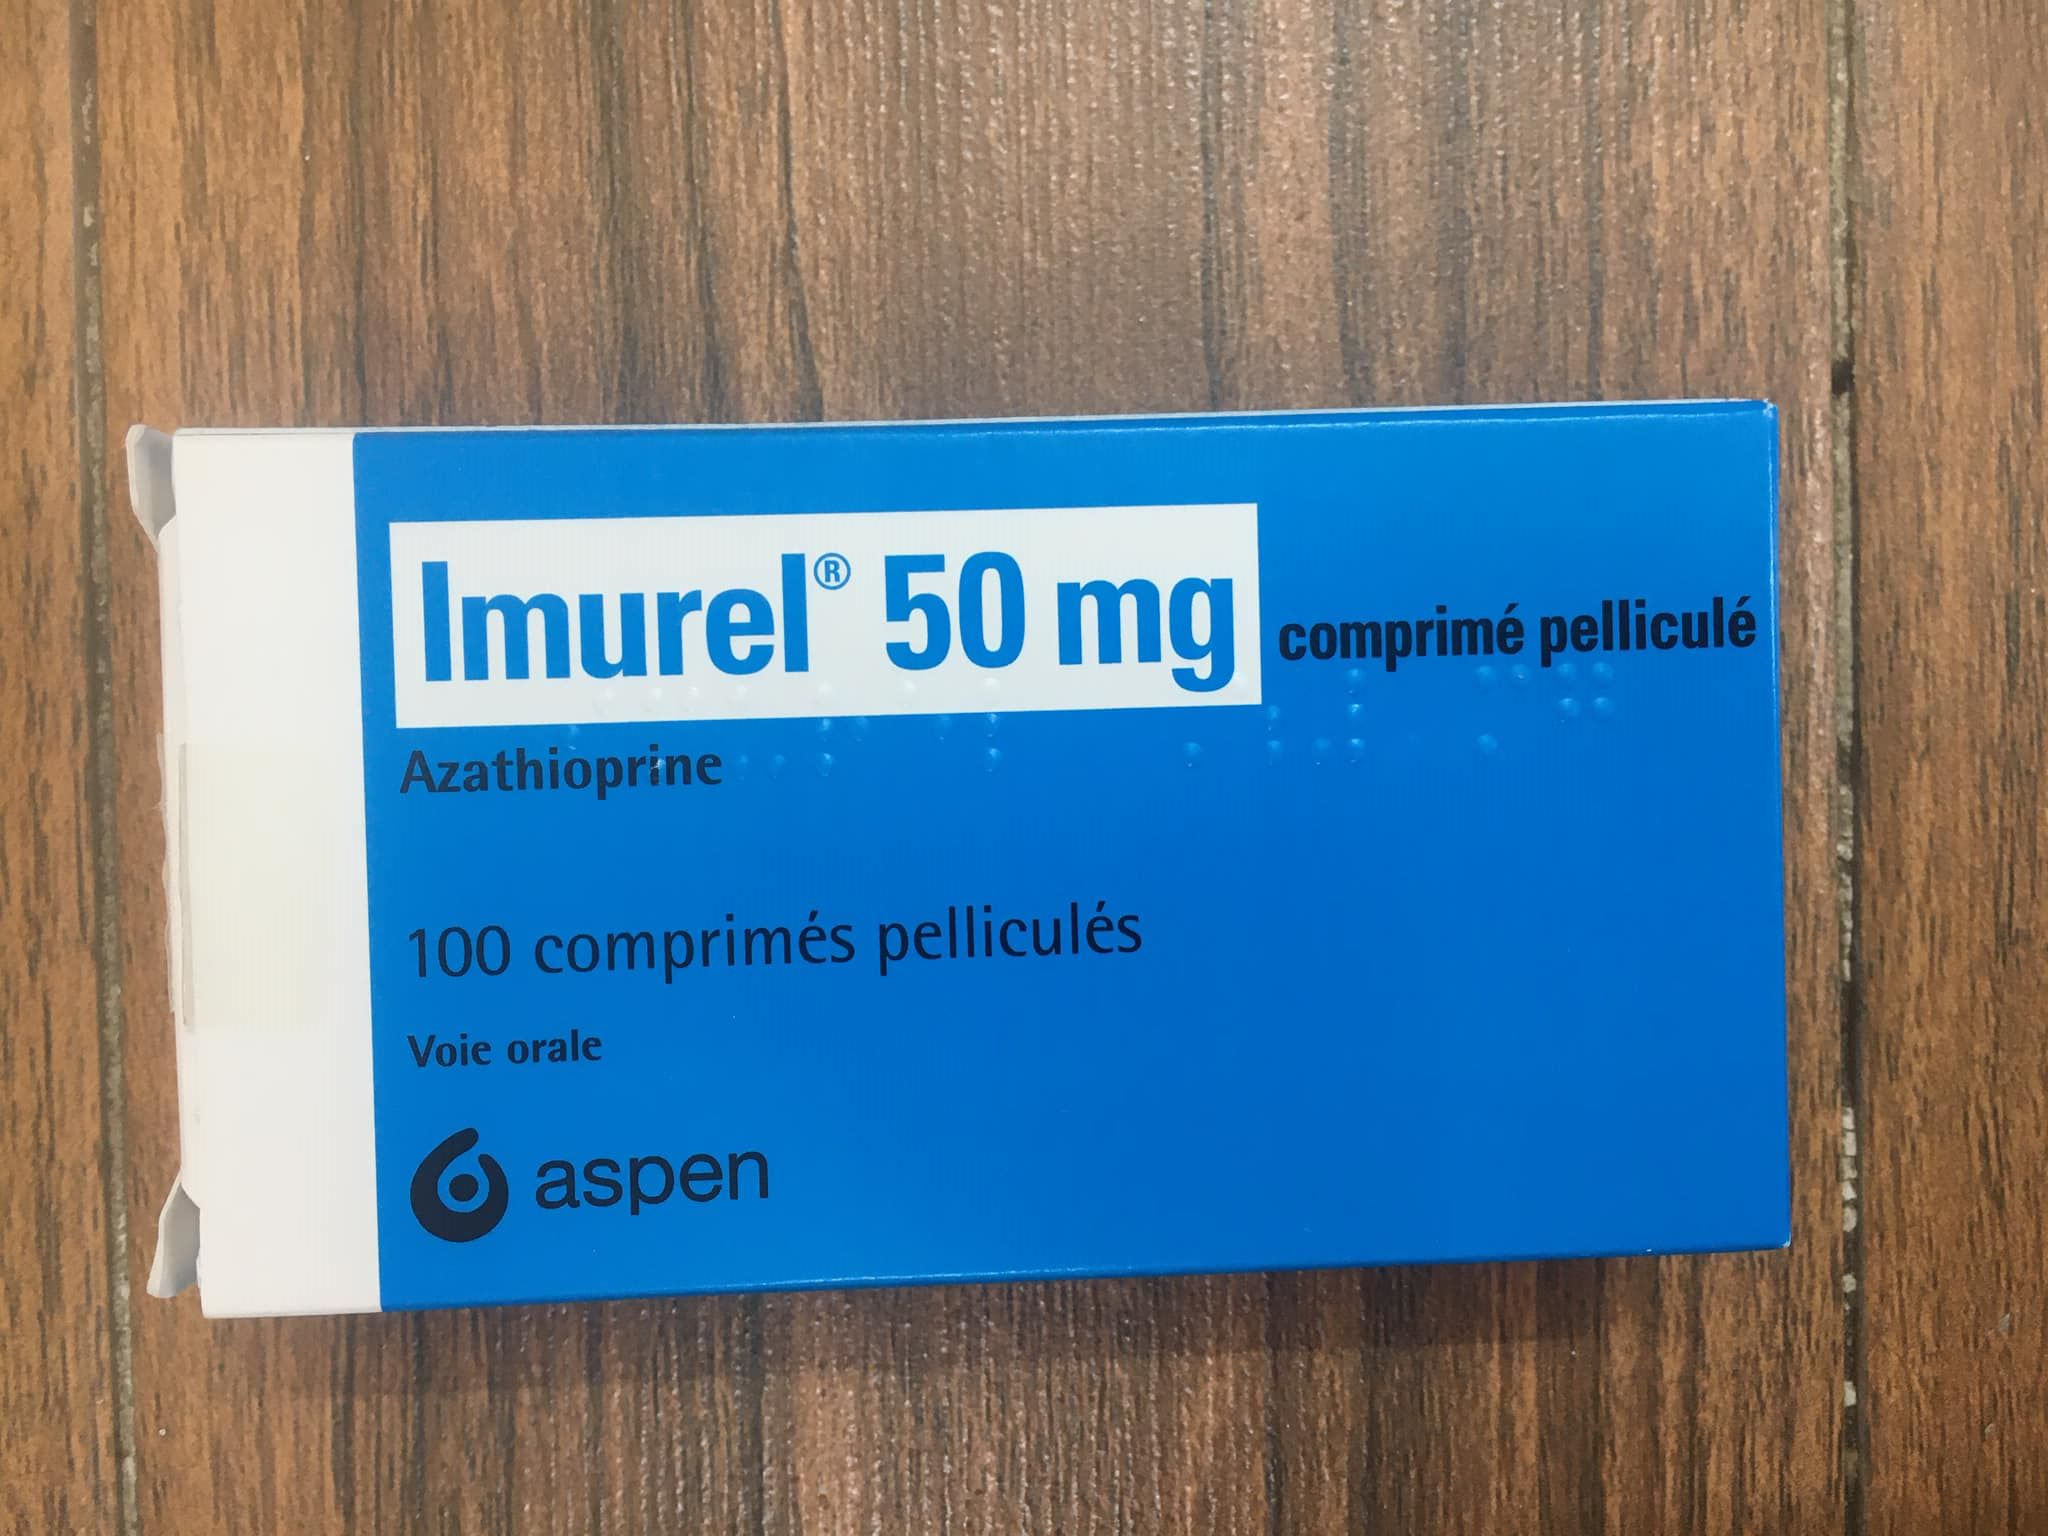 Imurel 50mg